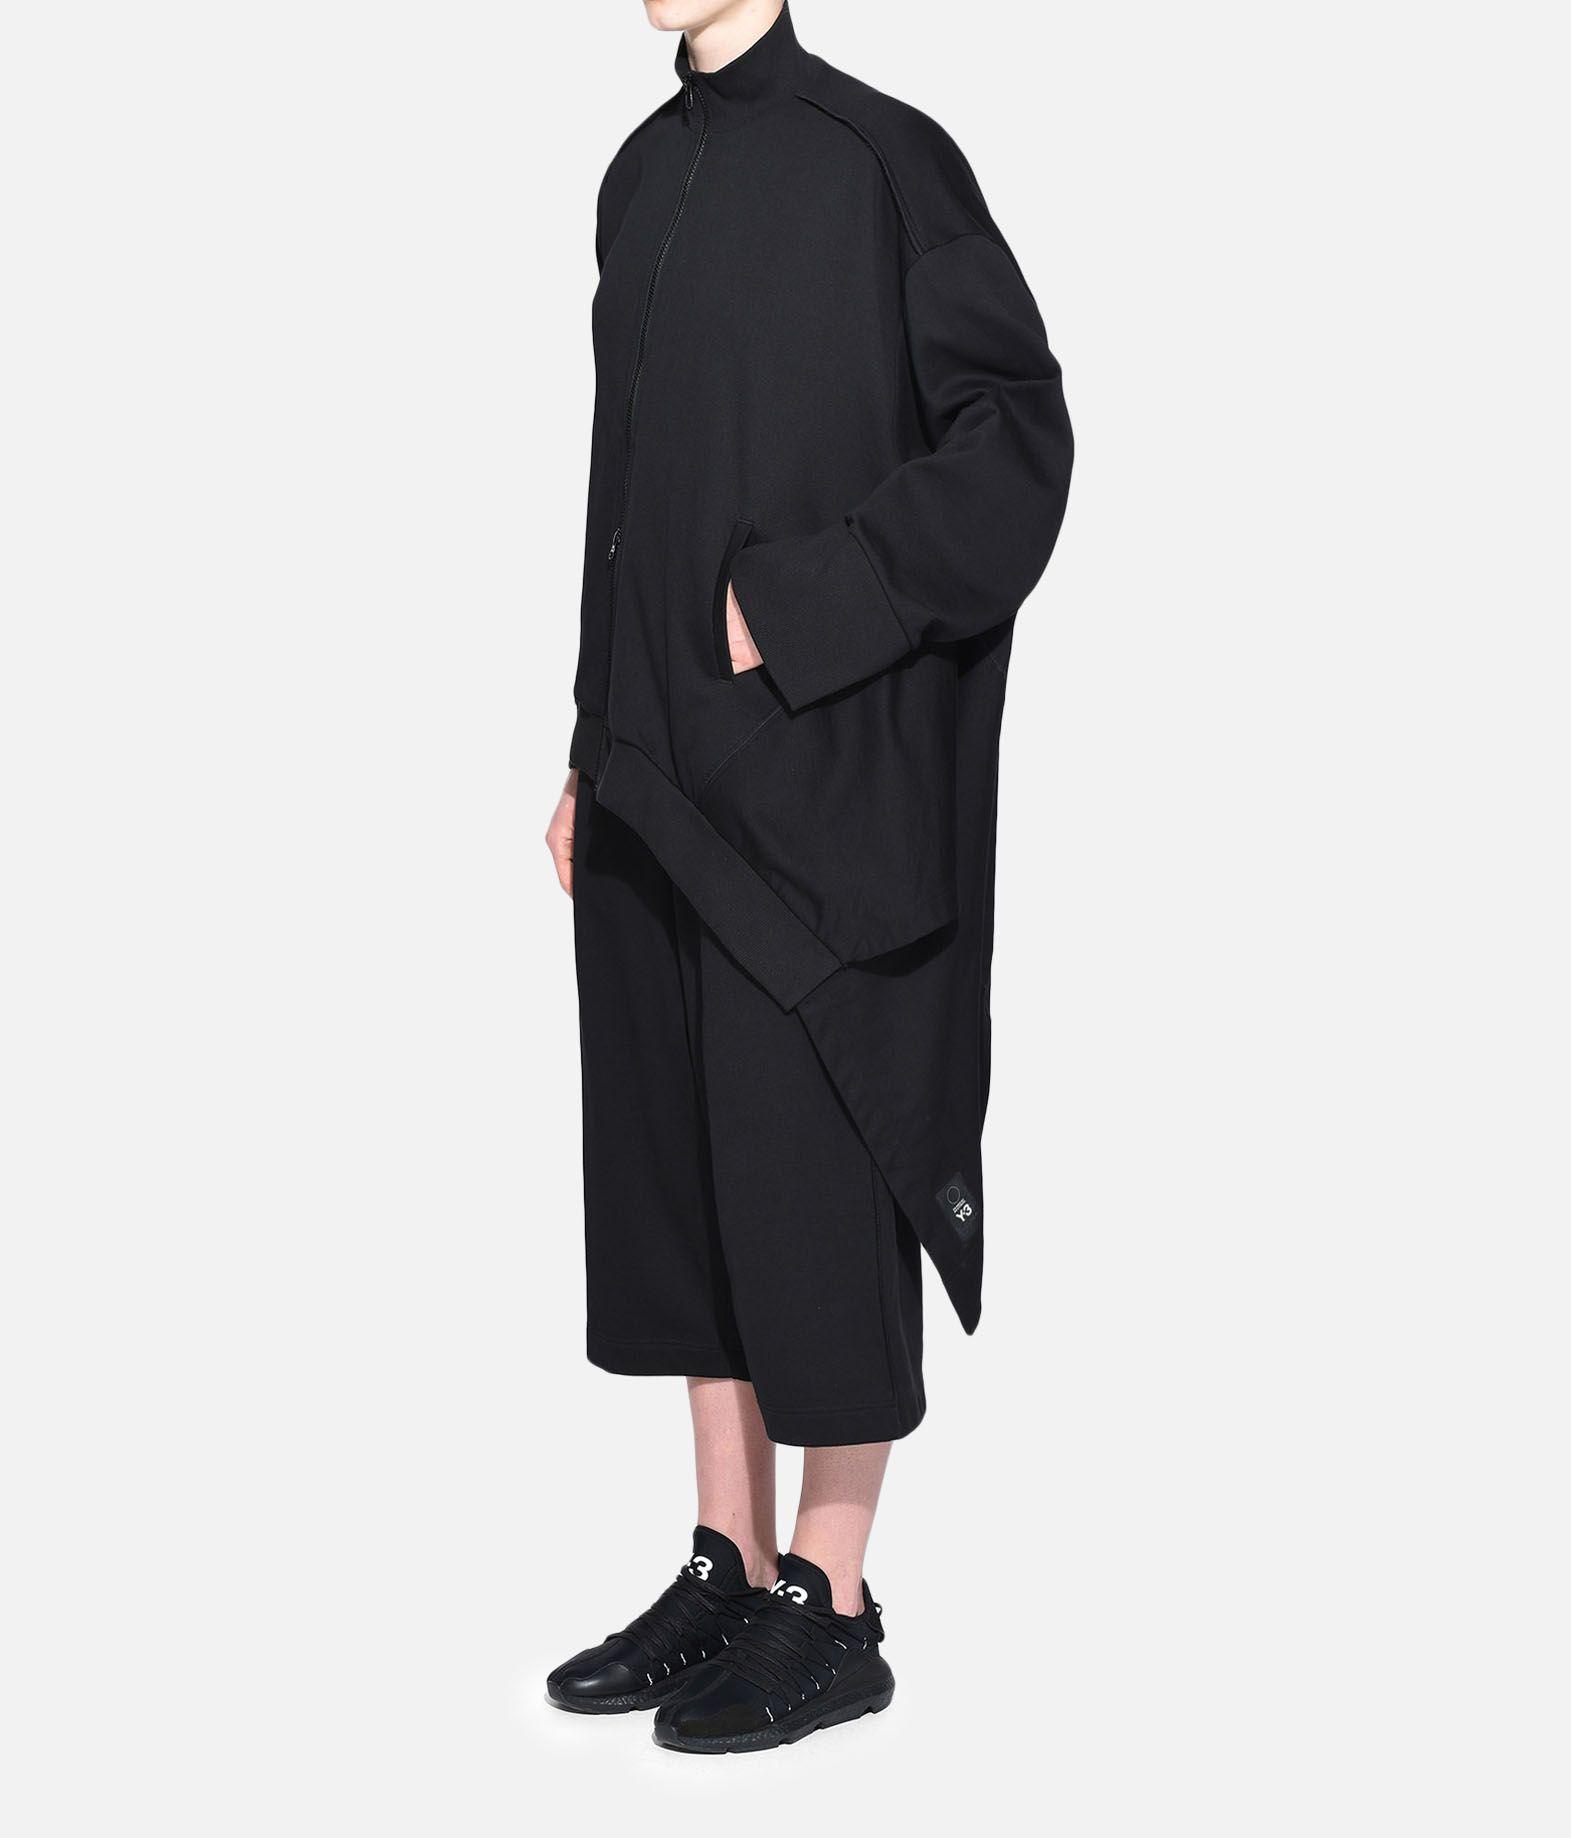 Y-3 Y-3 Tailed Track Jacket Пиджак Для Женщин e